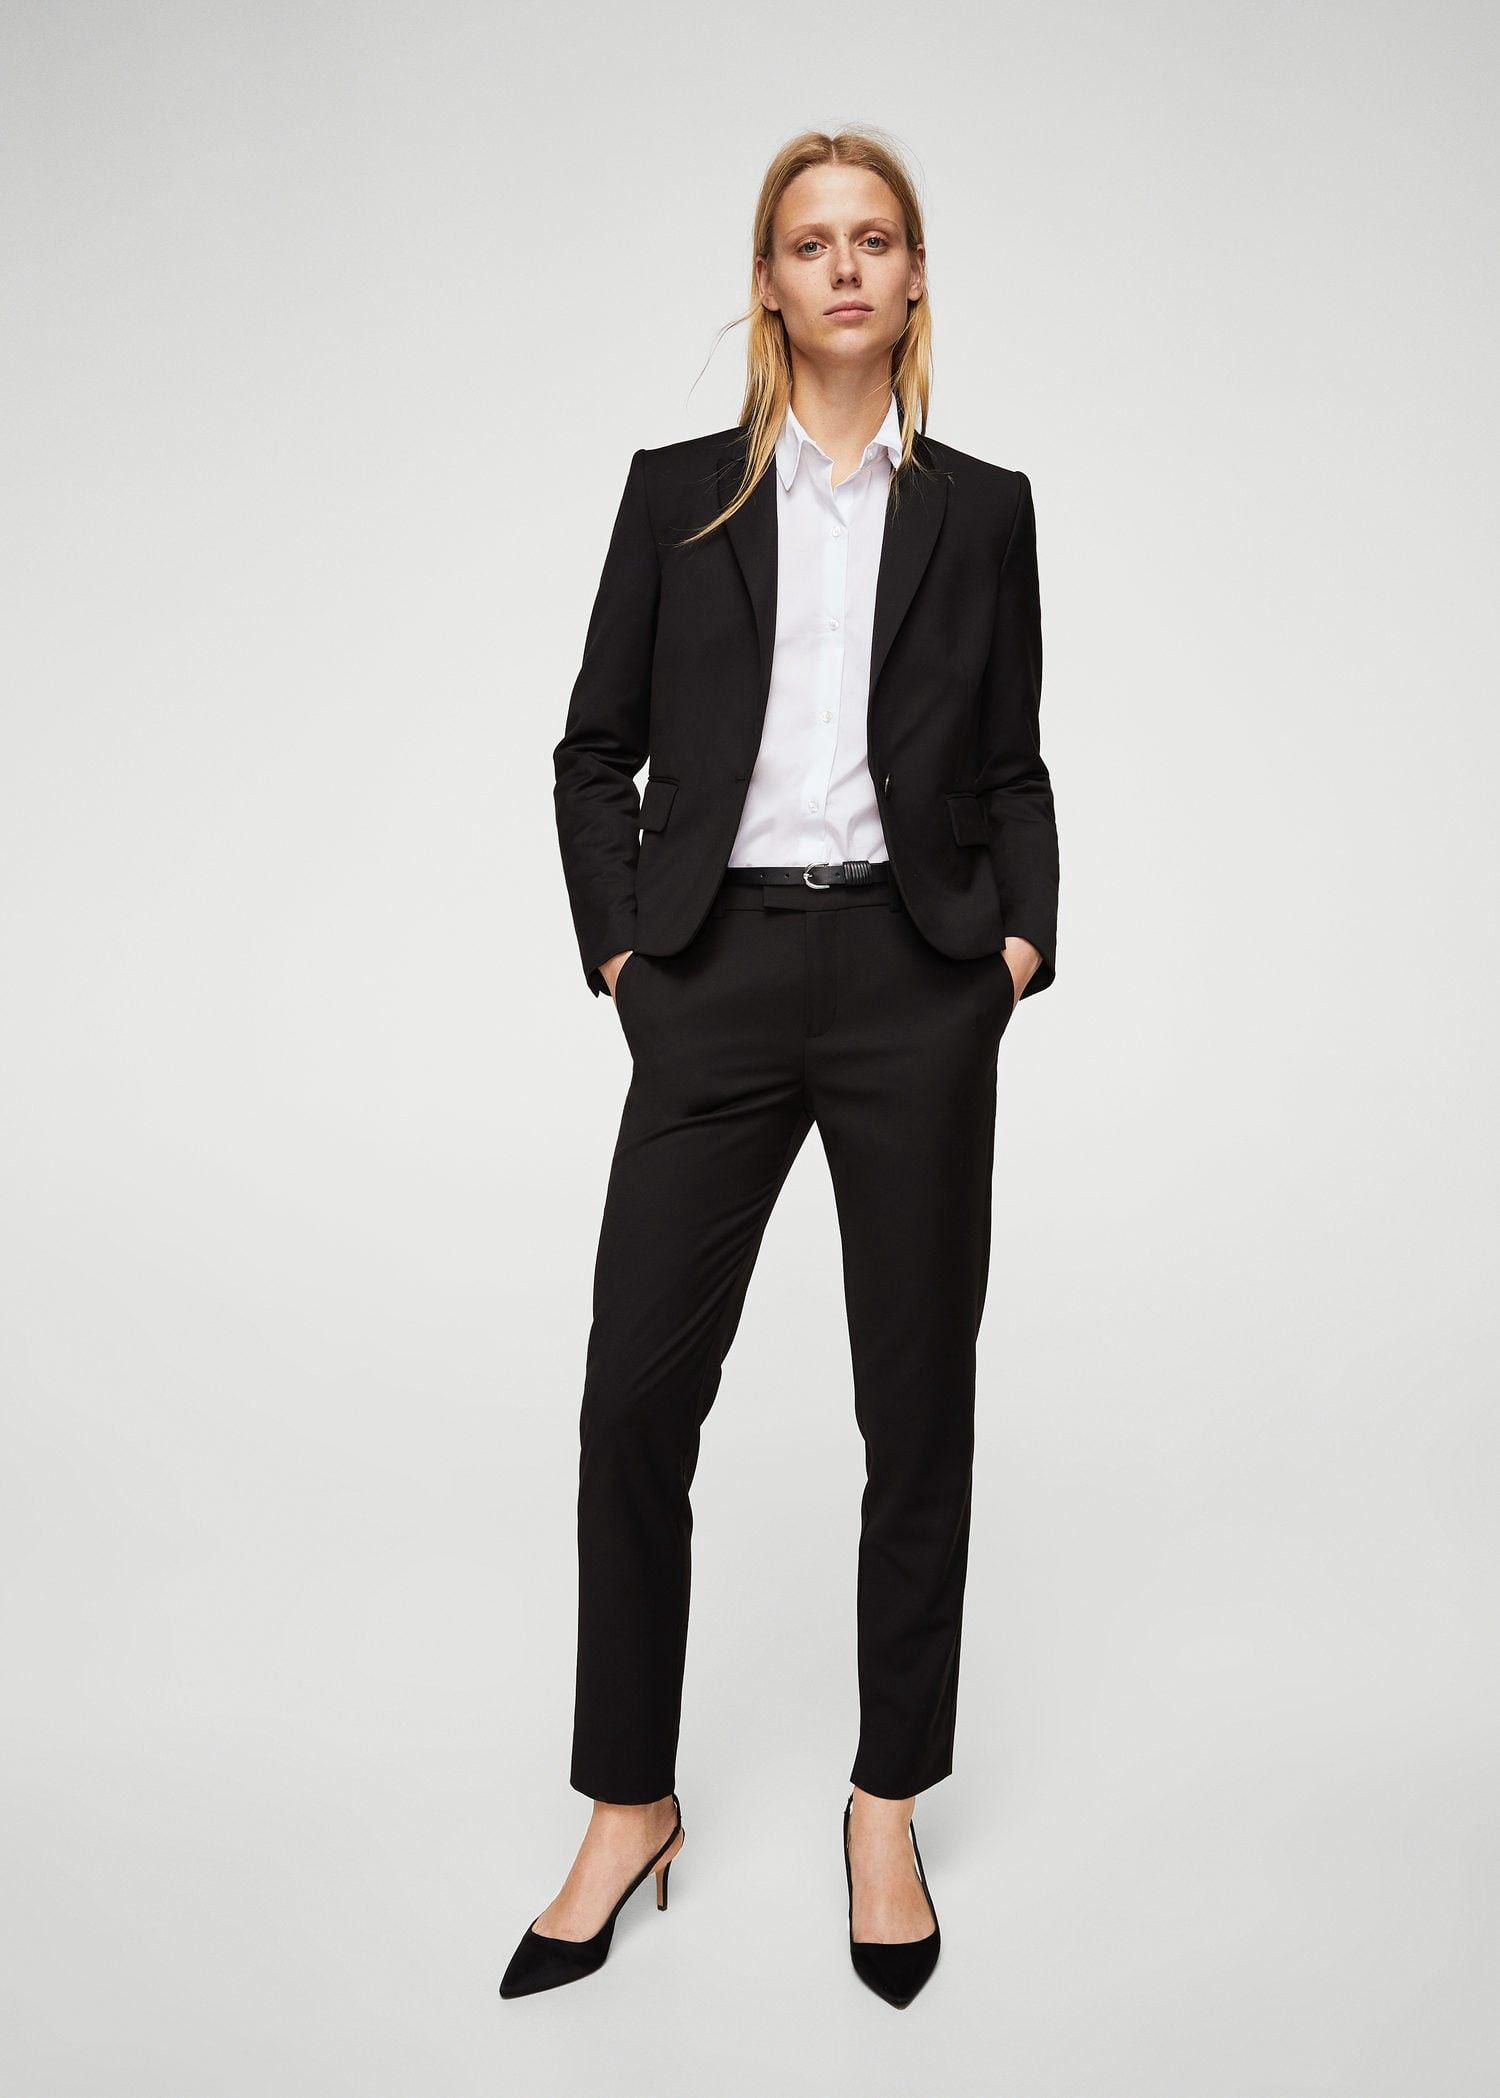 Dark Patterned 10 Blazer Suit Mango Products Women Navy ZfpBTq